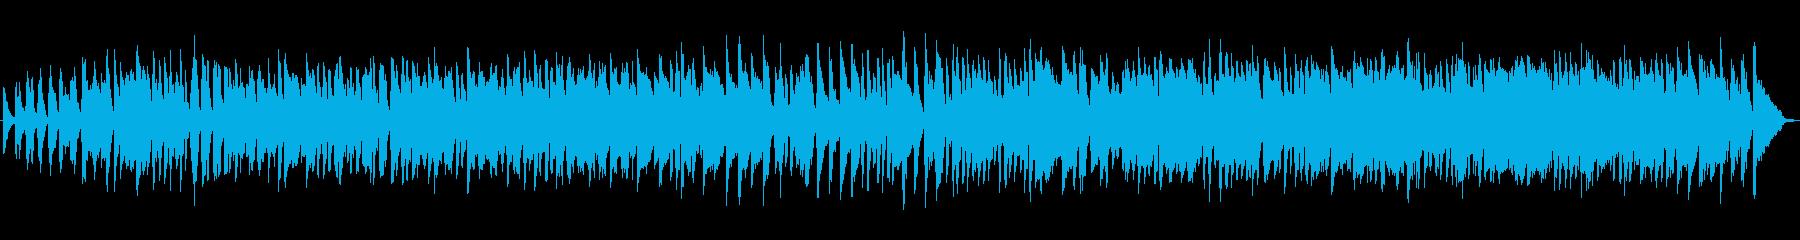 ピアノ、サイレントムービー、インプ...の再生済みの波形